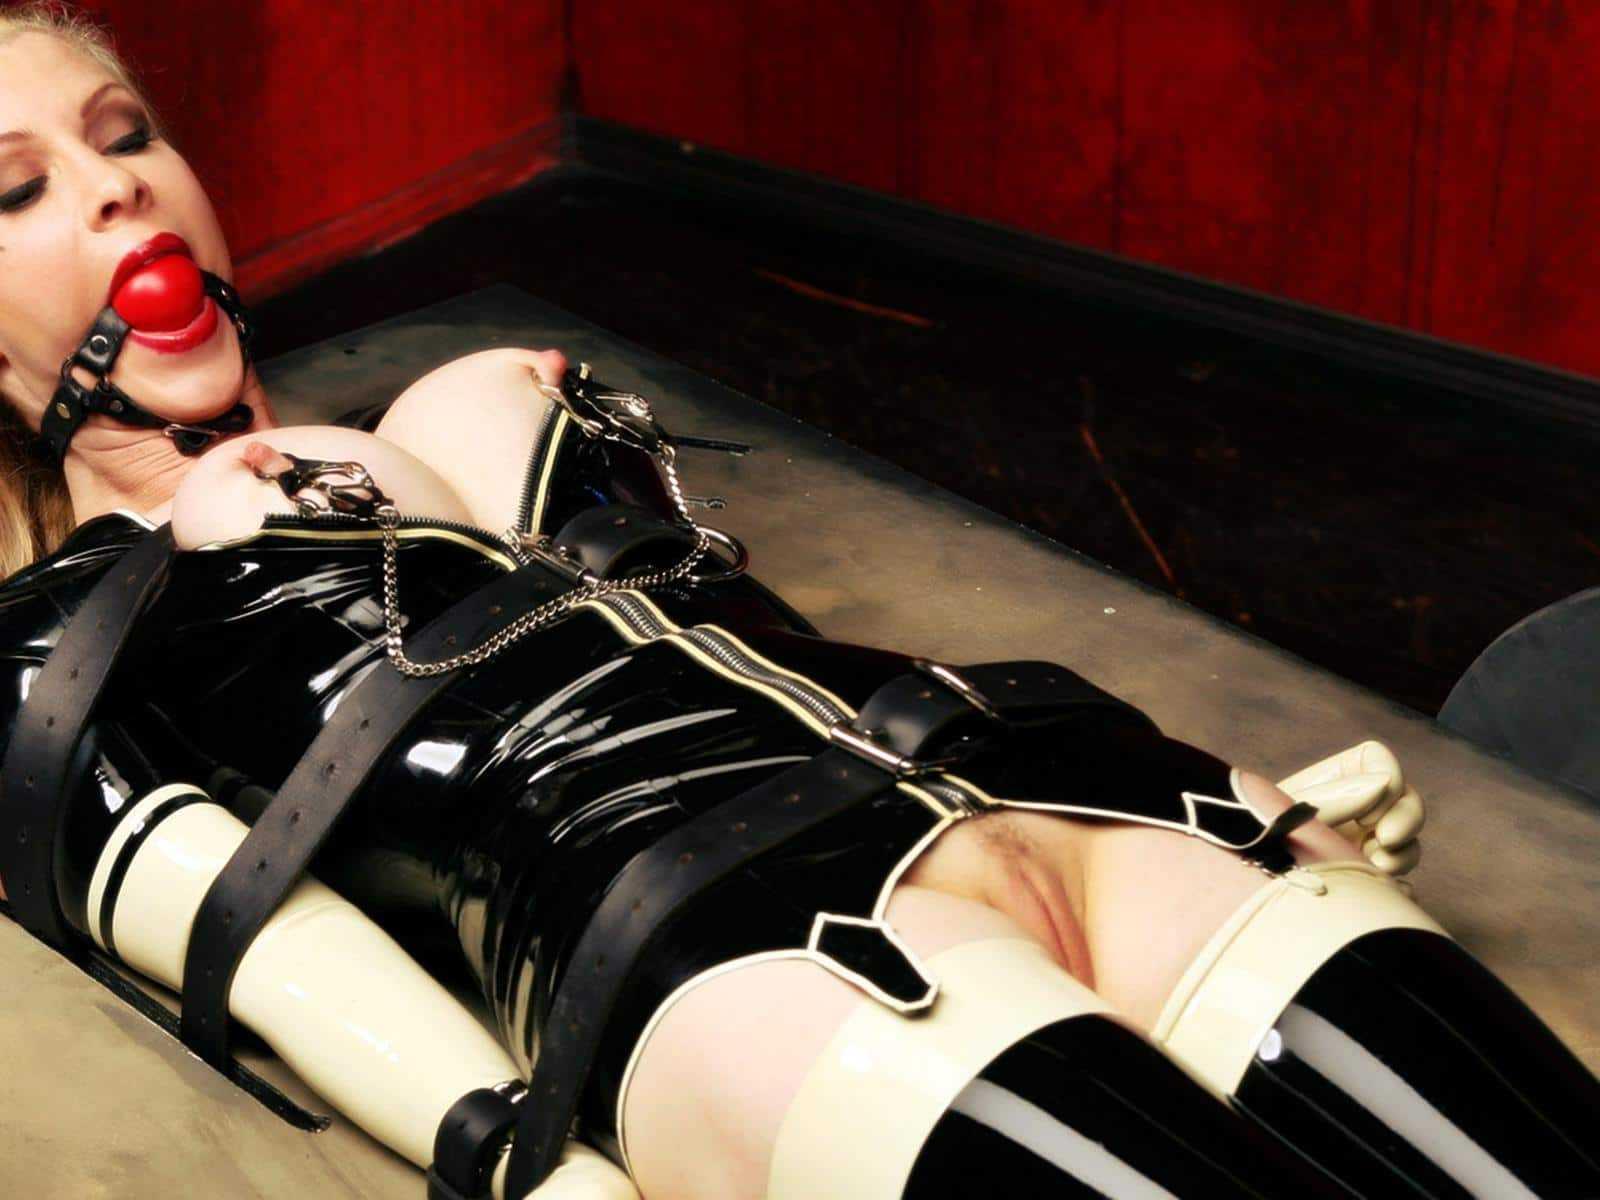 у рабынь все тело обтянуто ремнями порно видео